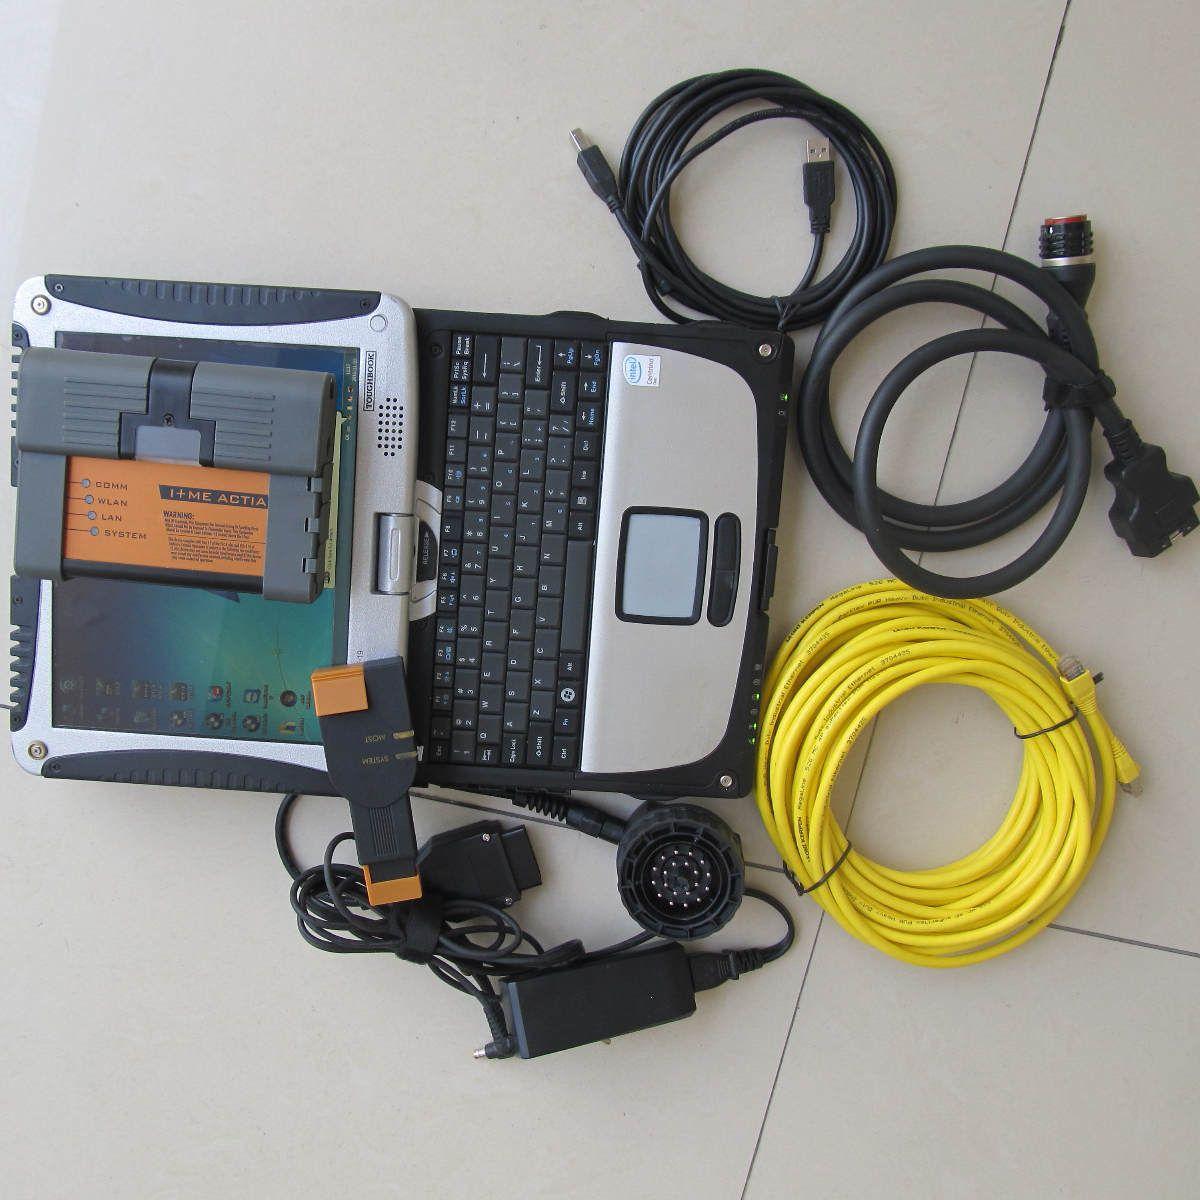 2018.09 nuevo para BMW ICOM A2 + B + C Diagnóstico para la herramienta de programación BMW con icom a2 500GB HDD instalado en laptop cf-19 i5